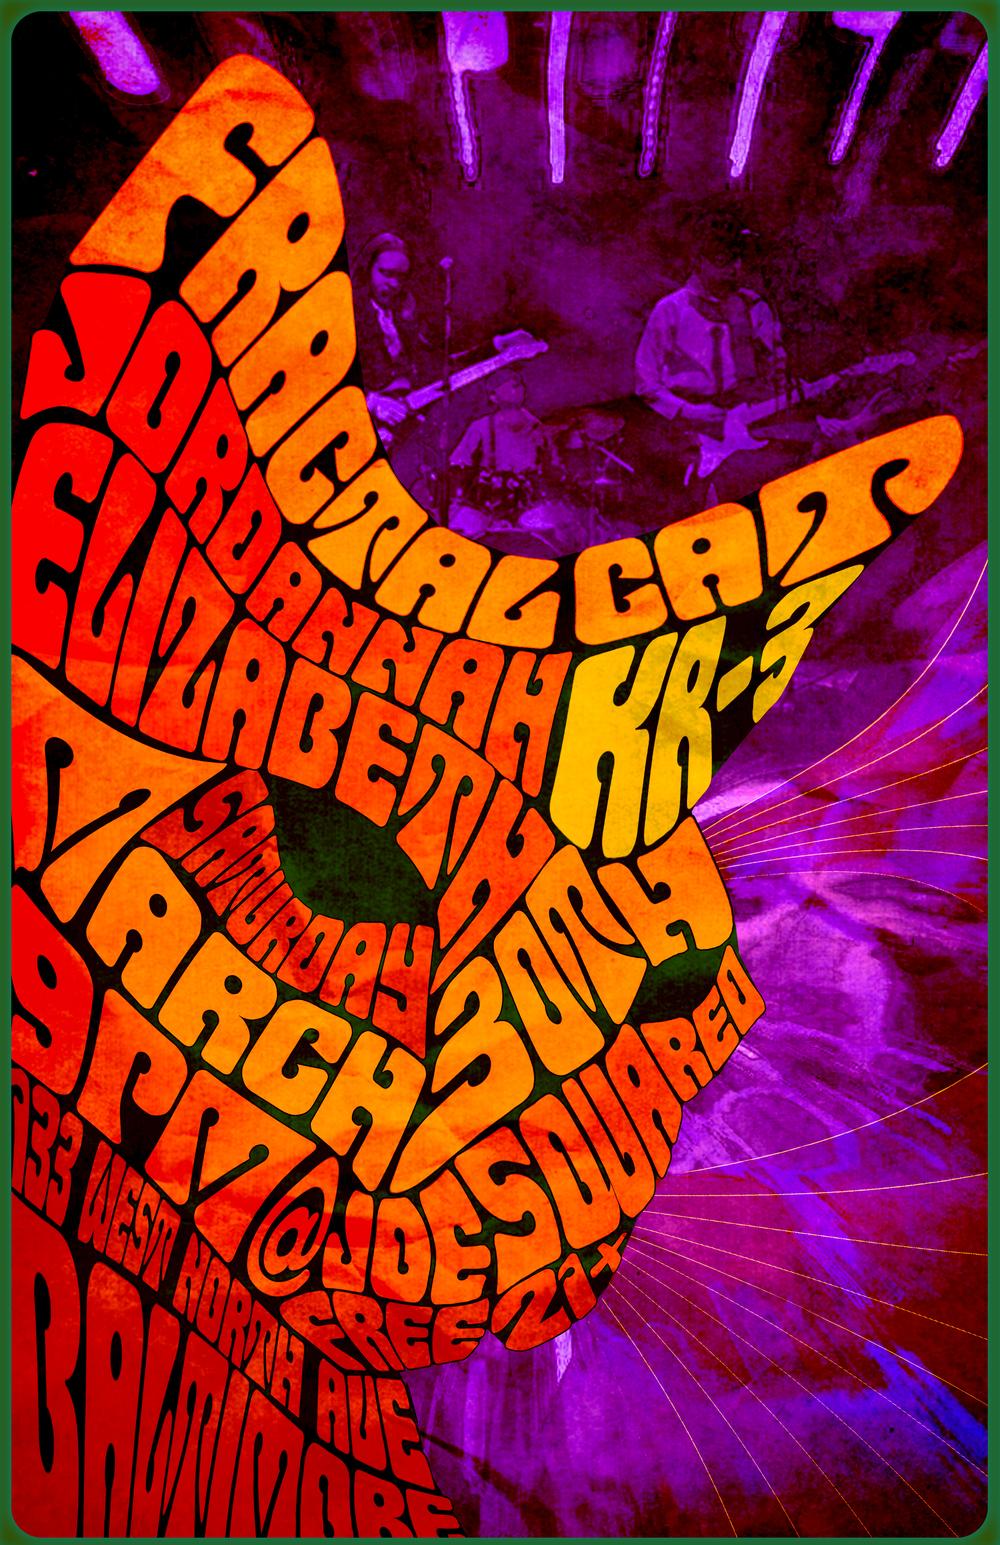 FractalCat_Poster_JoeSquared3.jpg